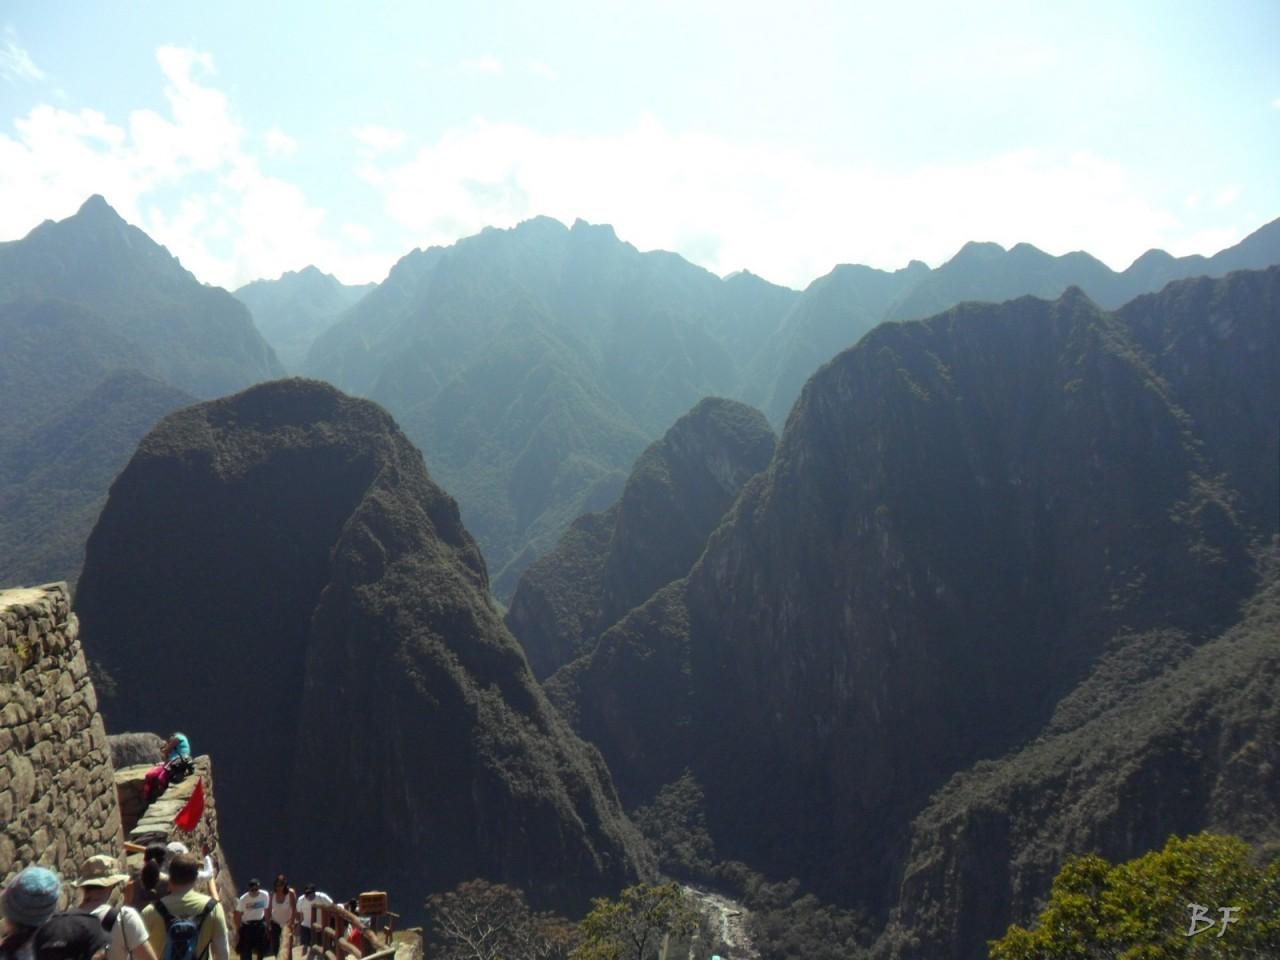 Mura-Poligonali-Incisioni-Altari-Edifici-Rupestri-Megaliti-Machu-Picchu-Aguas-Calientes-Urubamba-Cusco-Perù-4